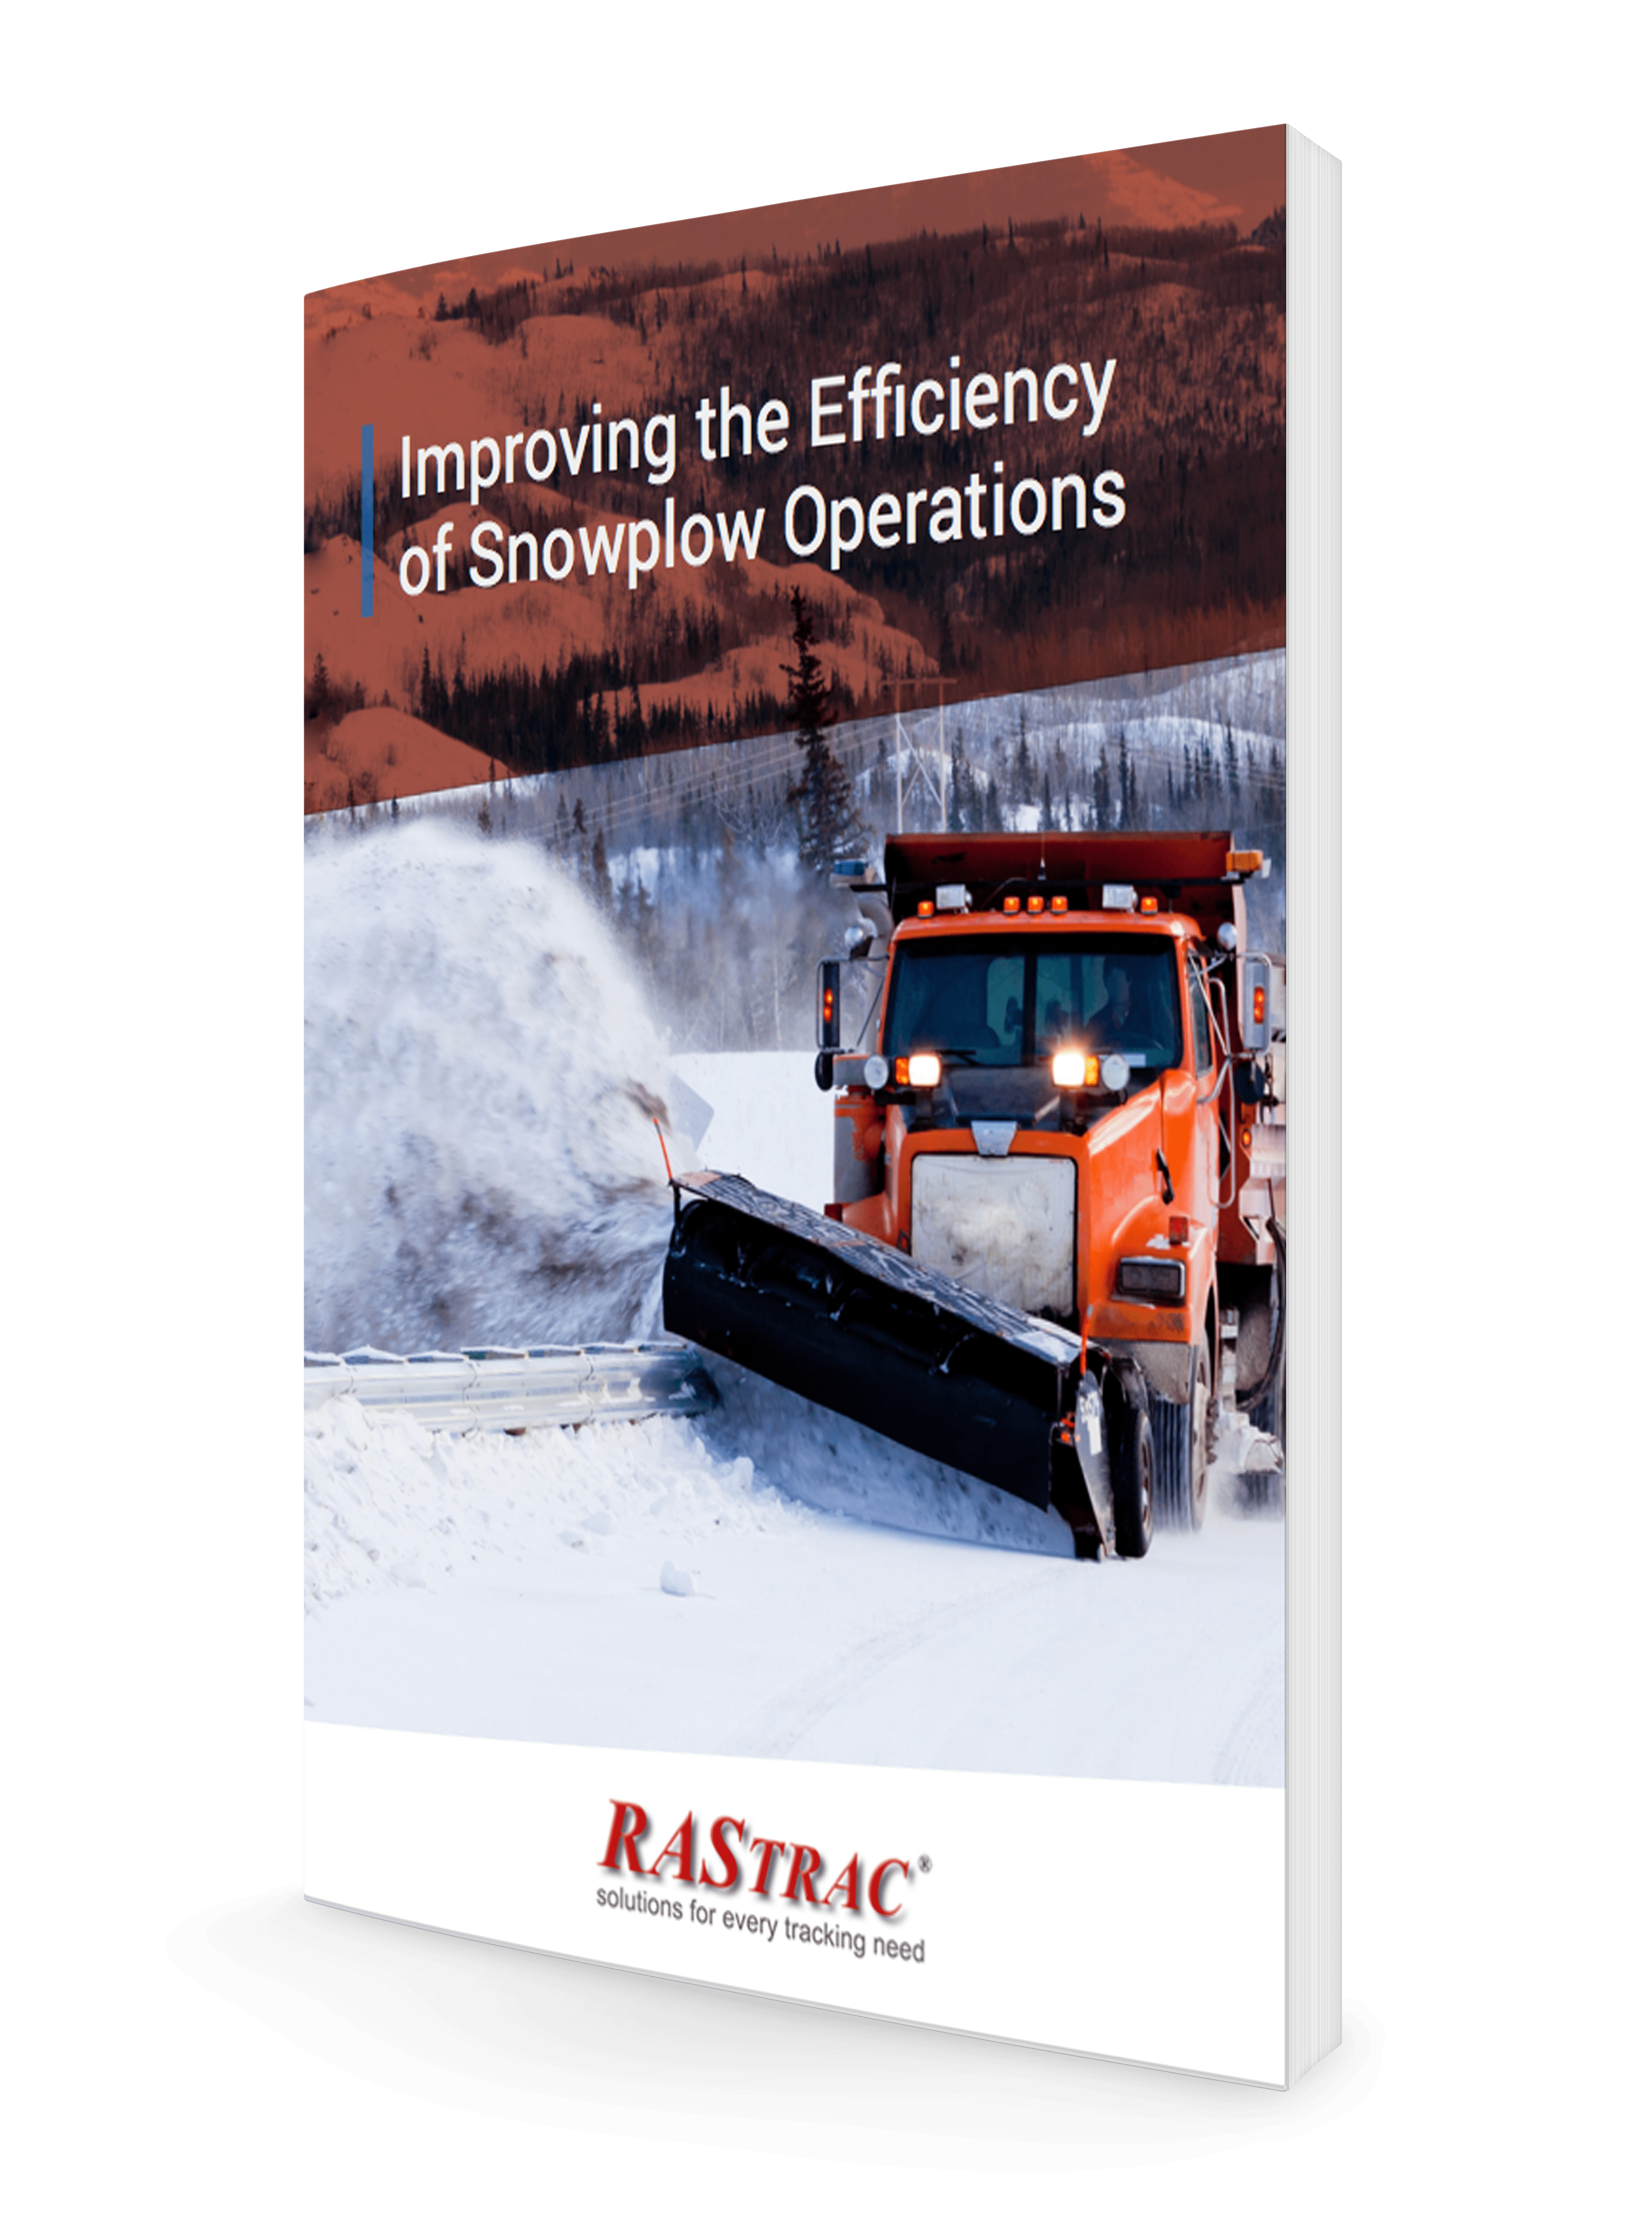 Snowplow operations improve your fleet's efficiency.